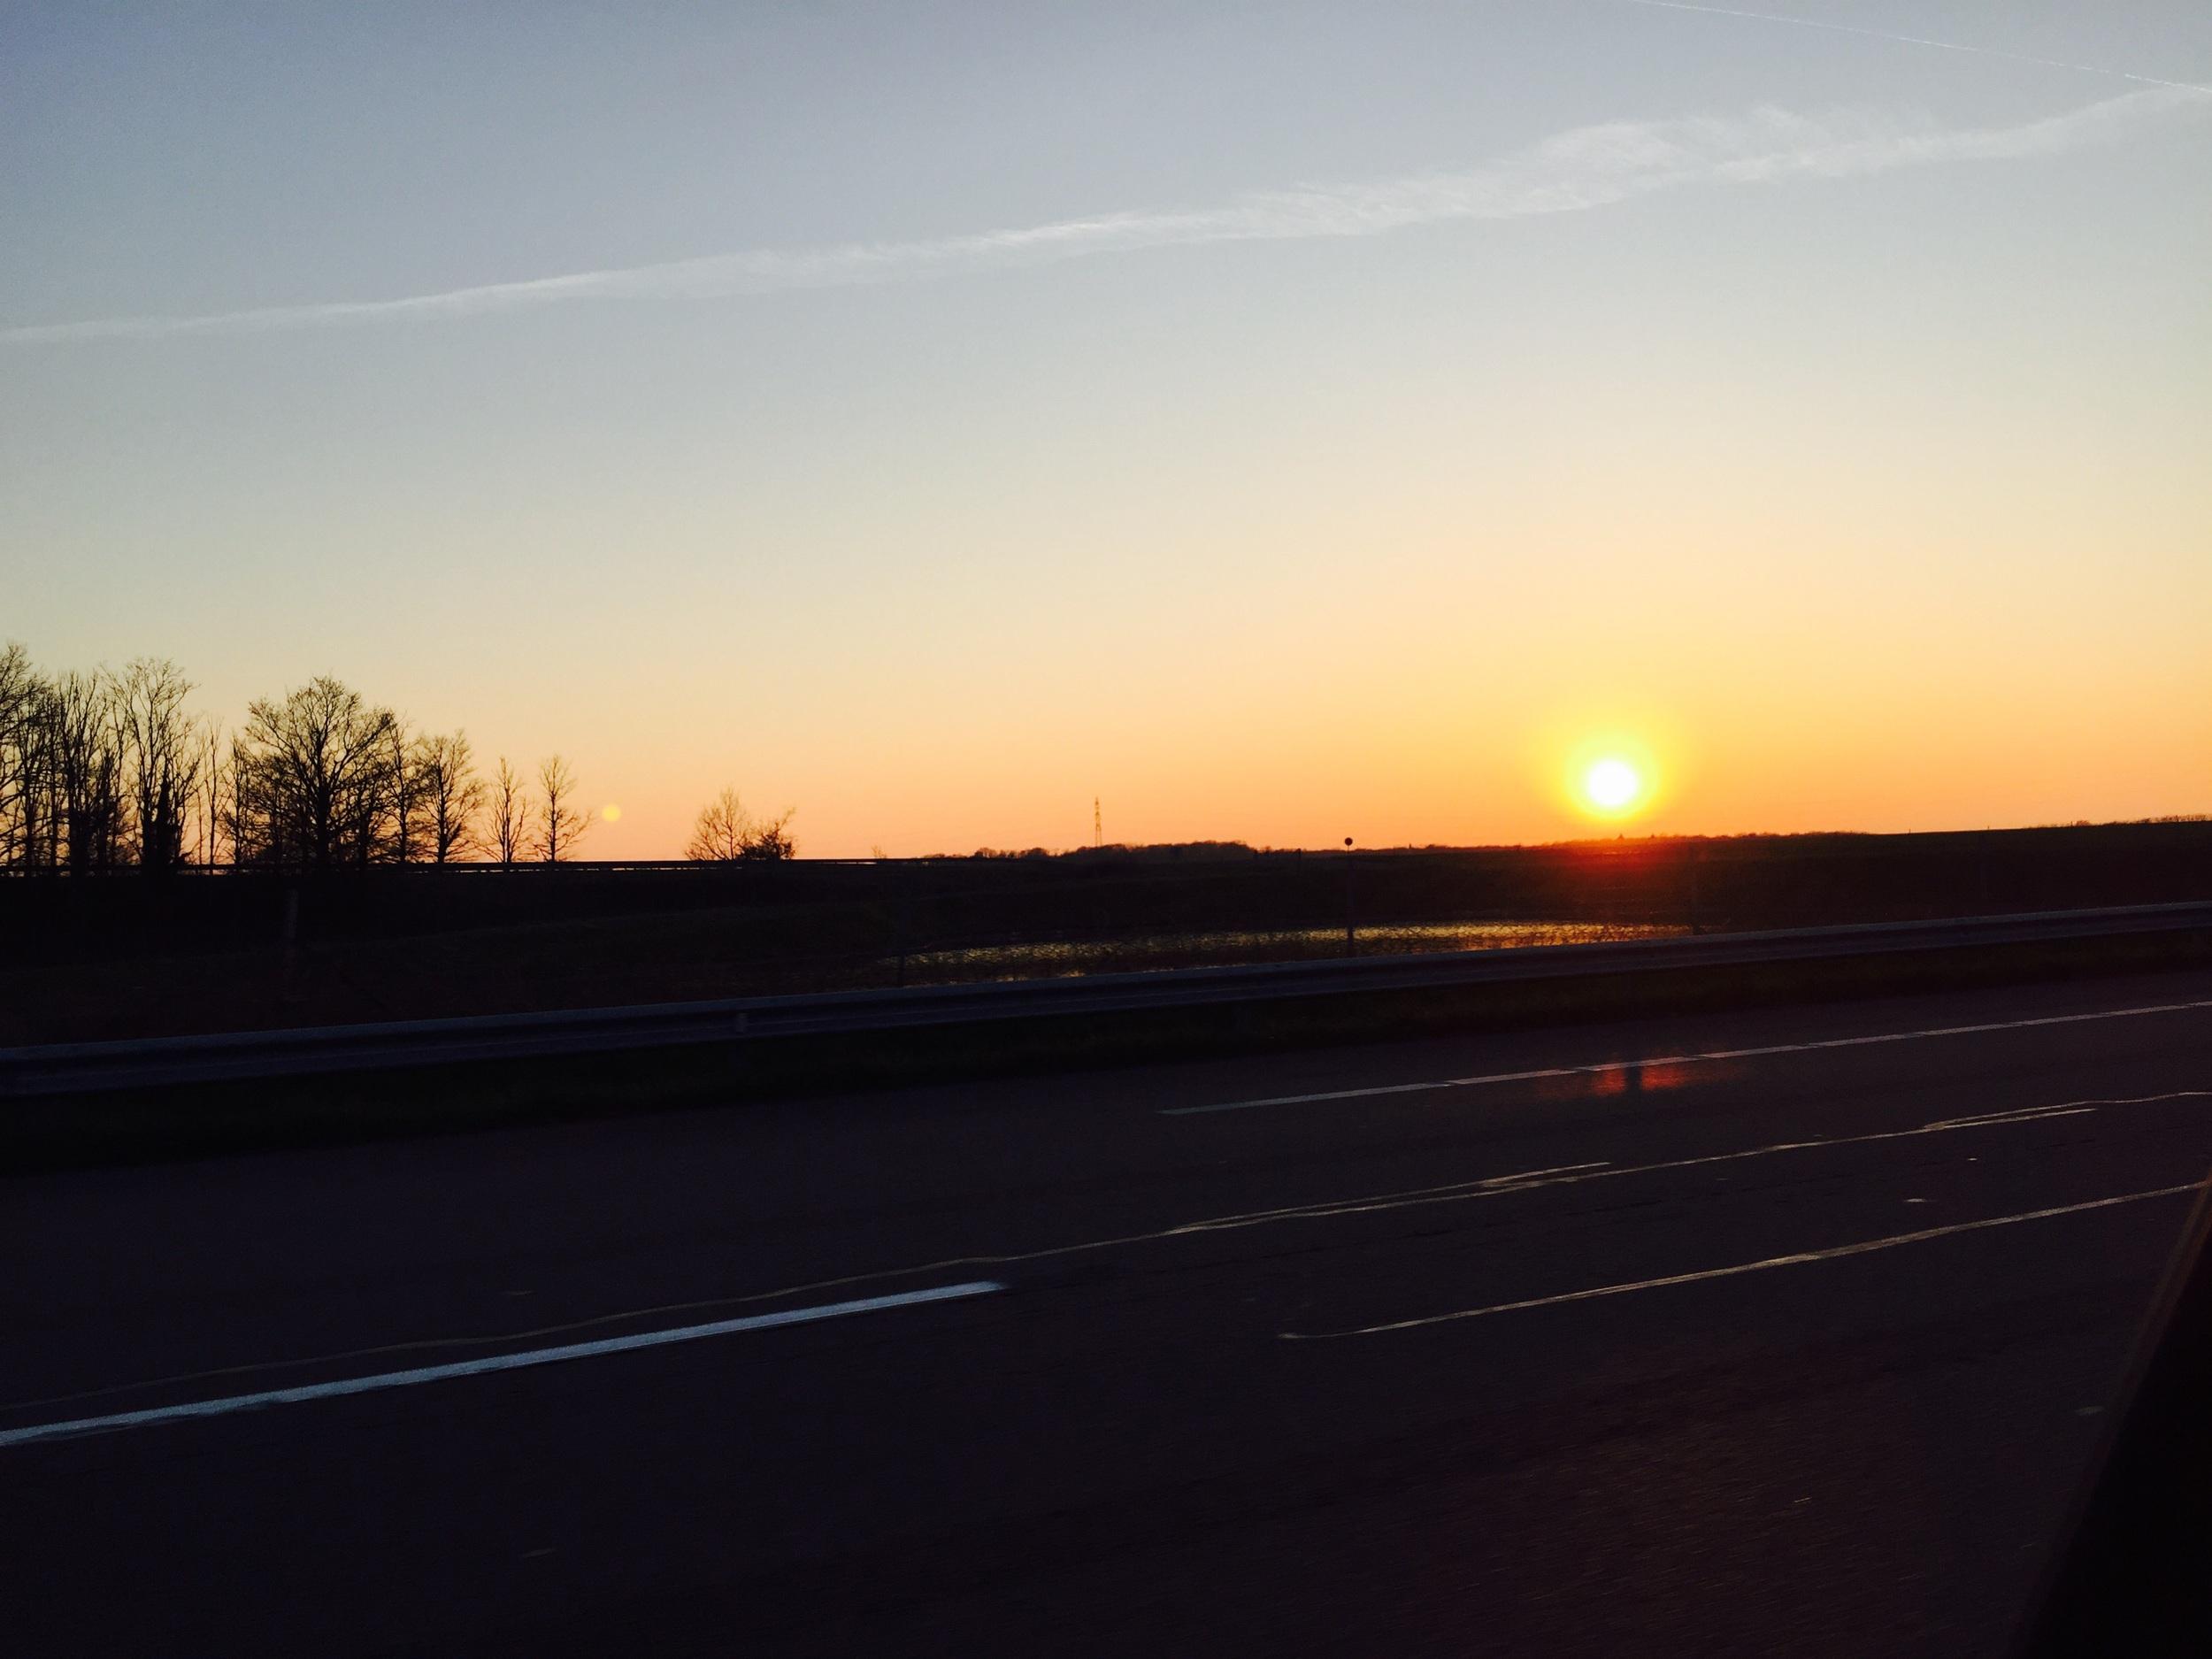 The Burgundian  countryside at dusk, outside Dijon.